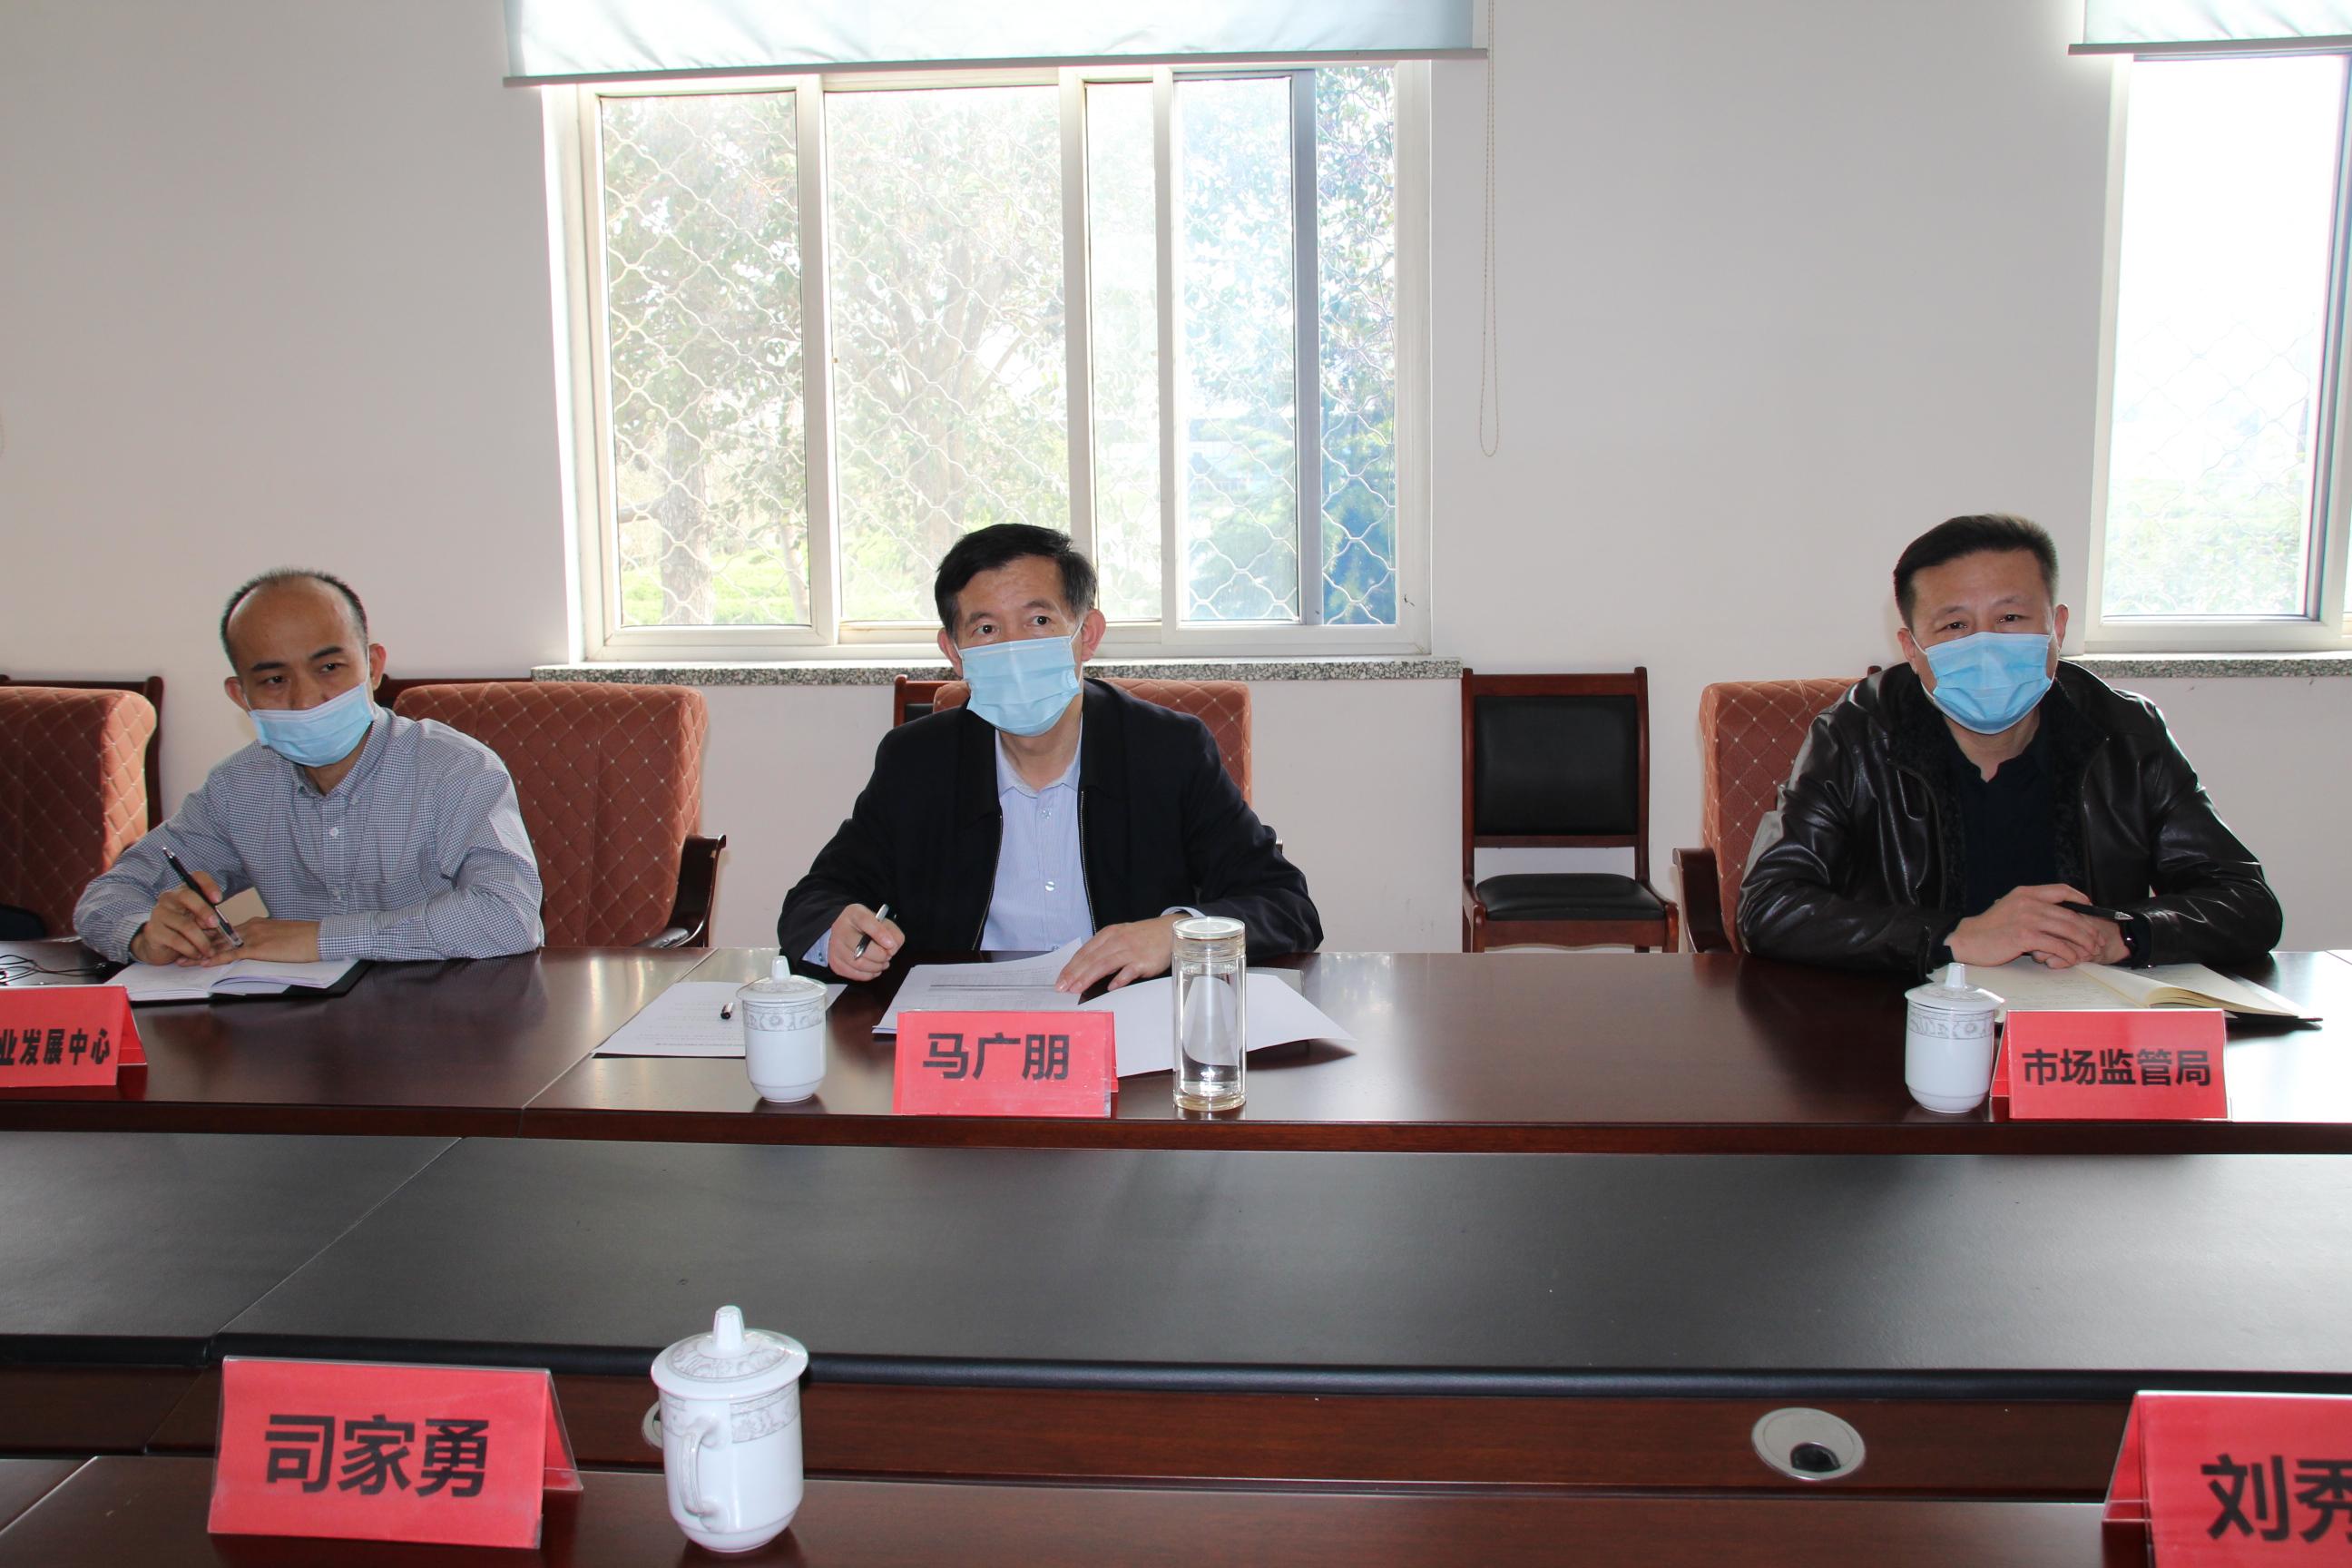 马广朋县长对接帮扶企业东阿国胶堂,解决实际问题插图(1)